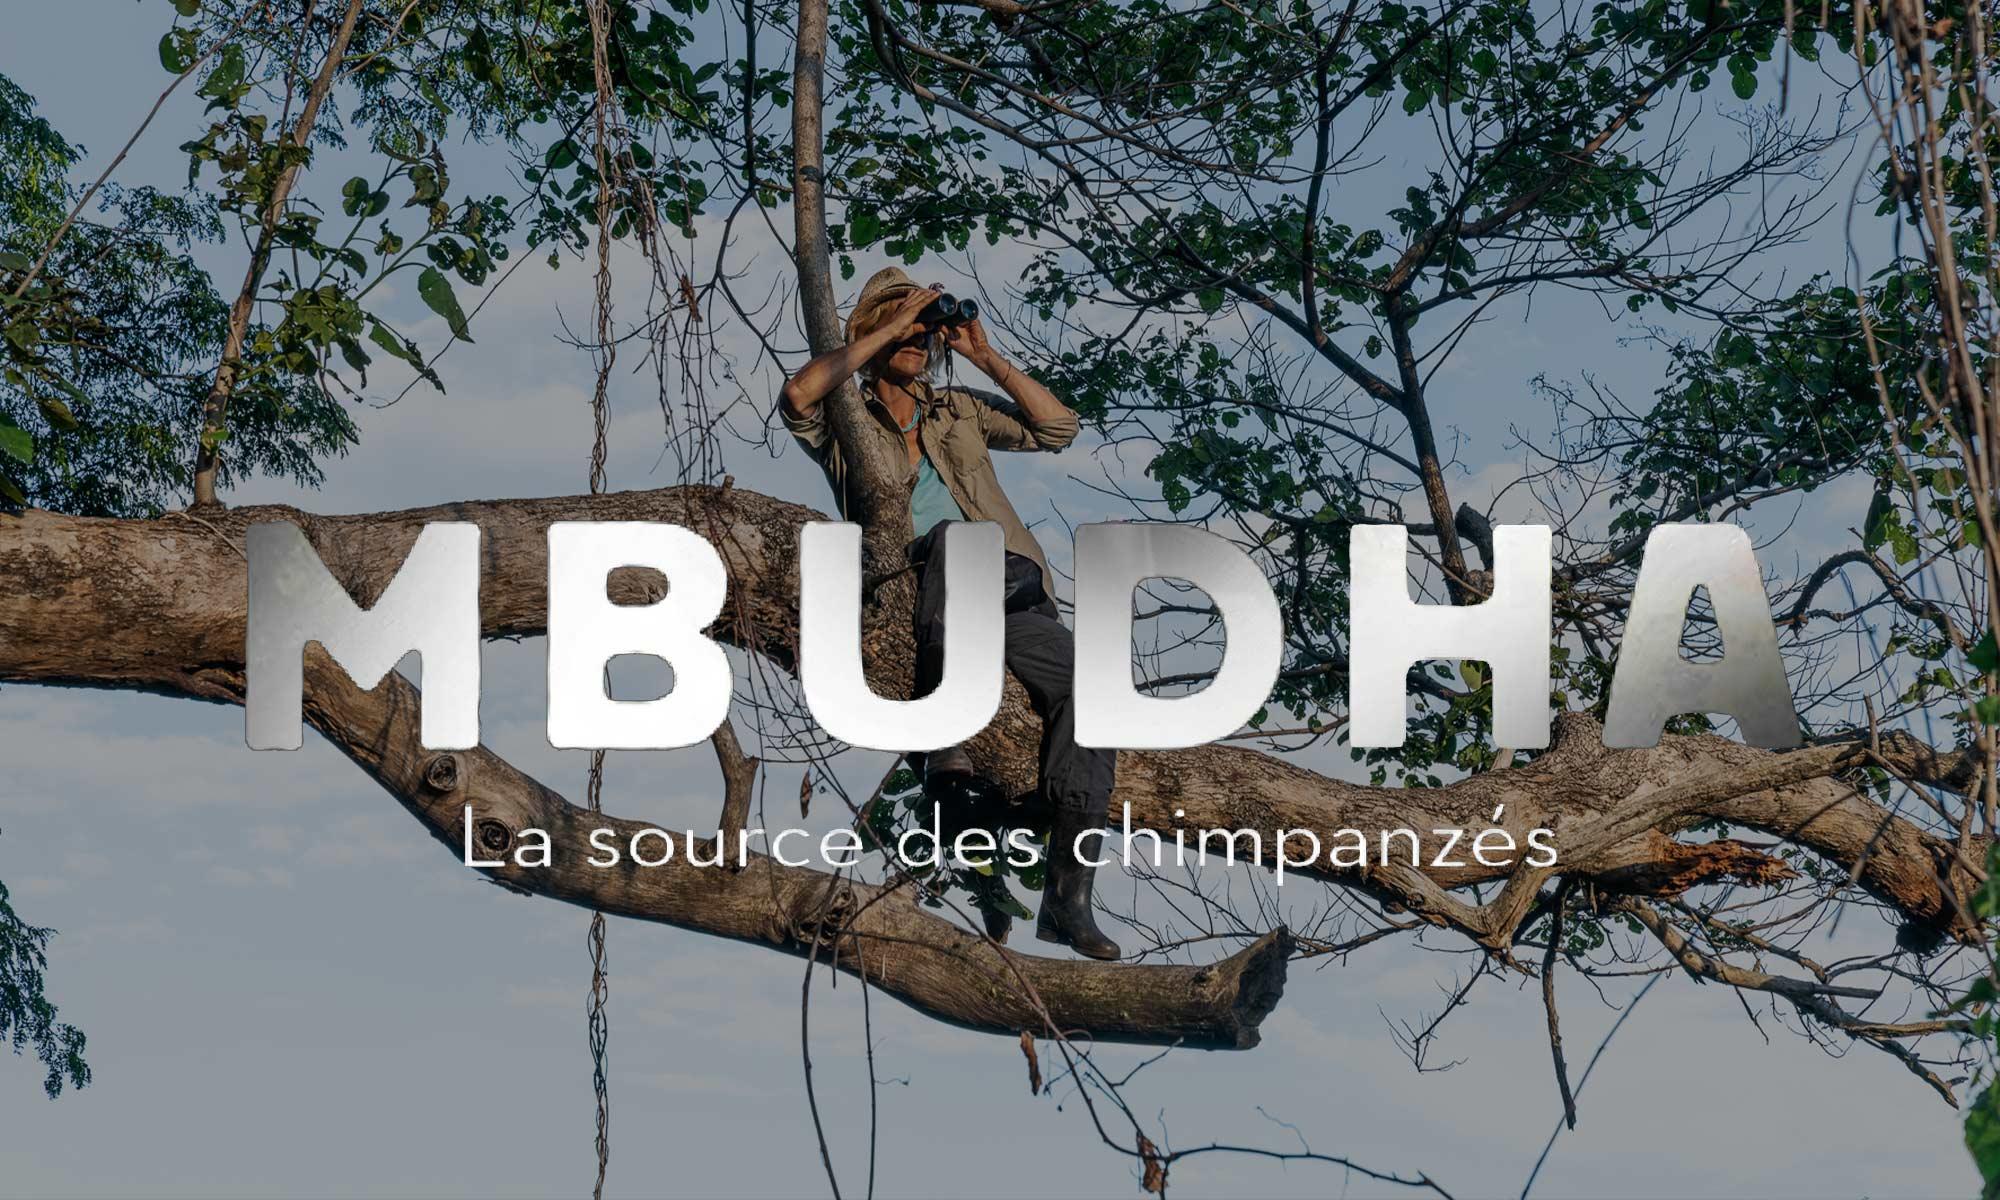 Mbudha, la source des chimpanzés